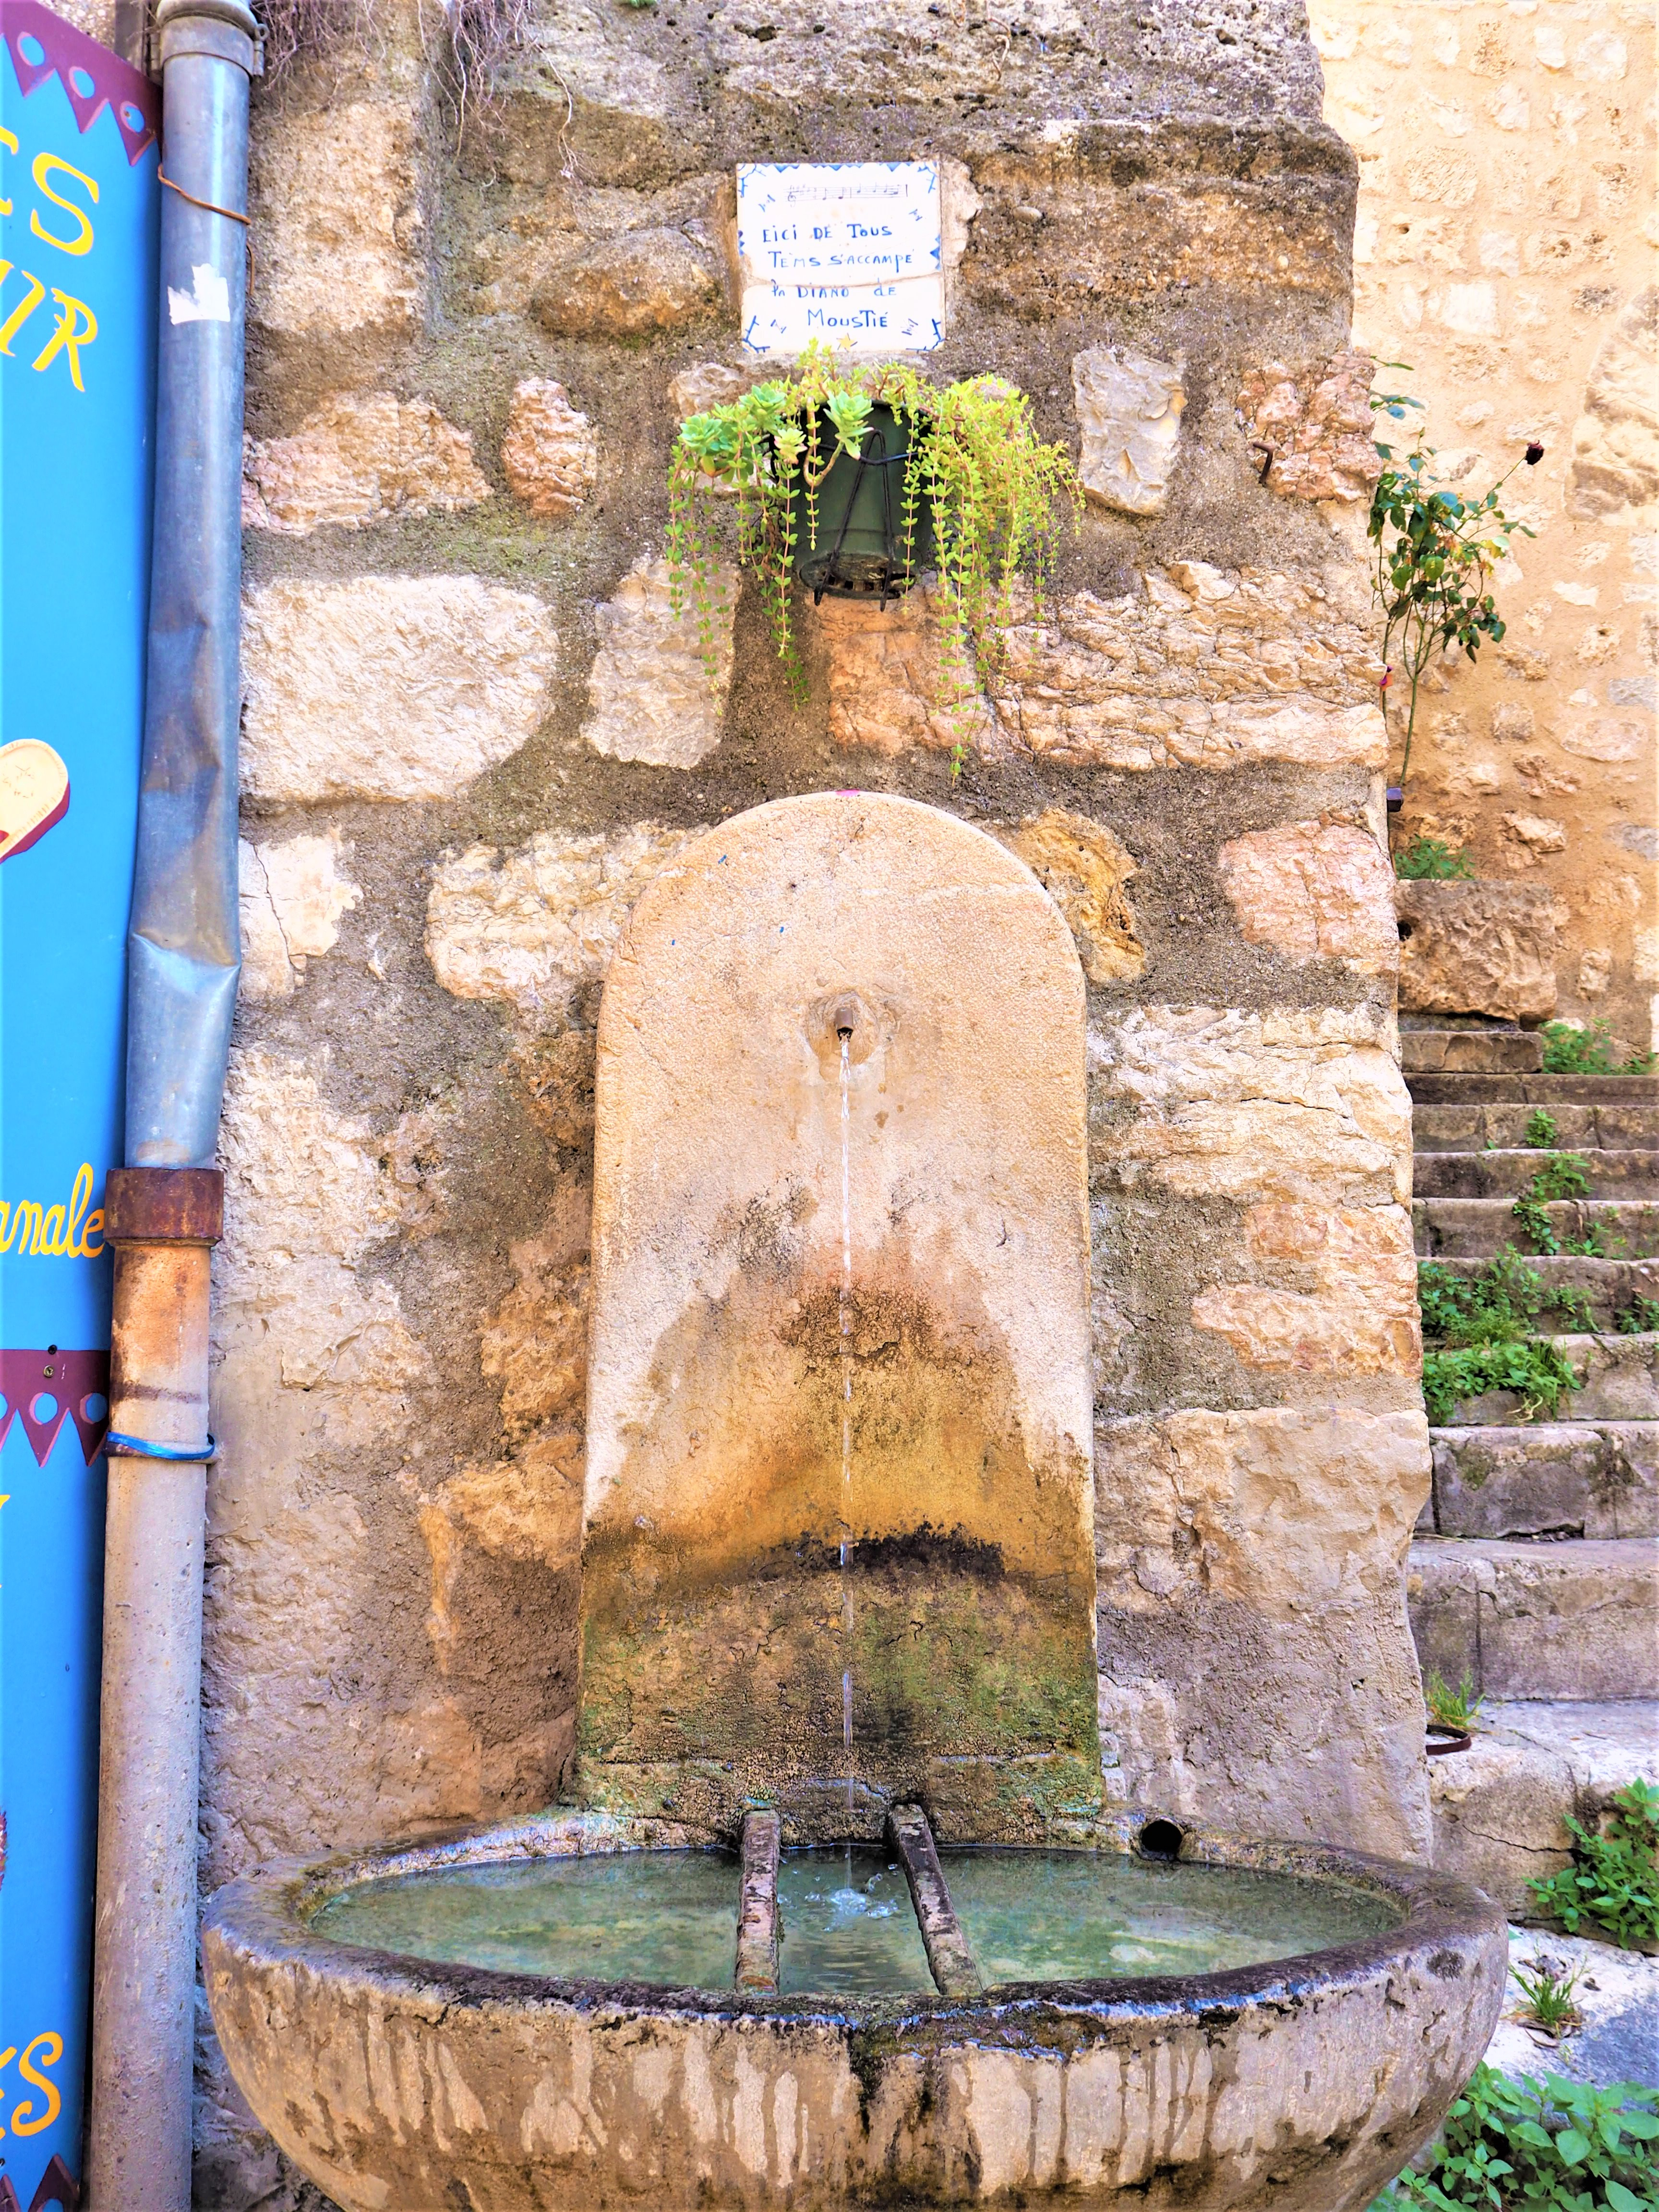 Le Vlilage de Moustiers-Sainte-Marie. La fontaine de Diane. Parc Naturel Régional du Verdon Alpes de Haute-Provence. Clioandco blog